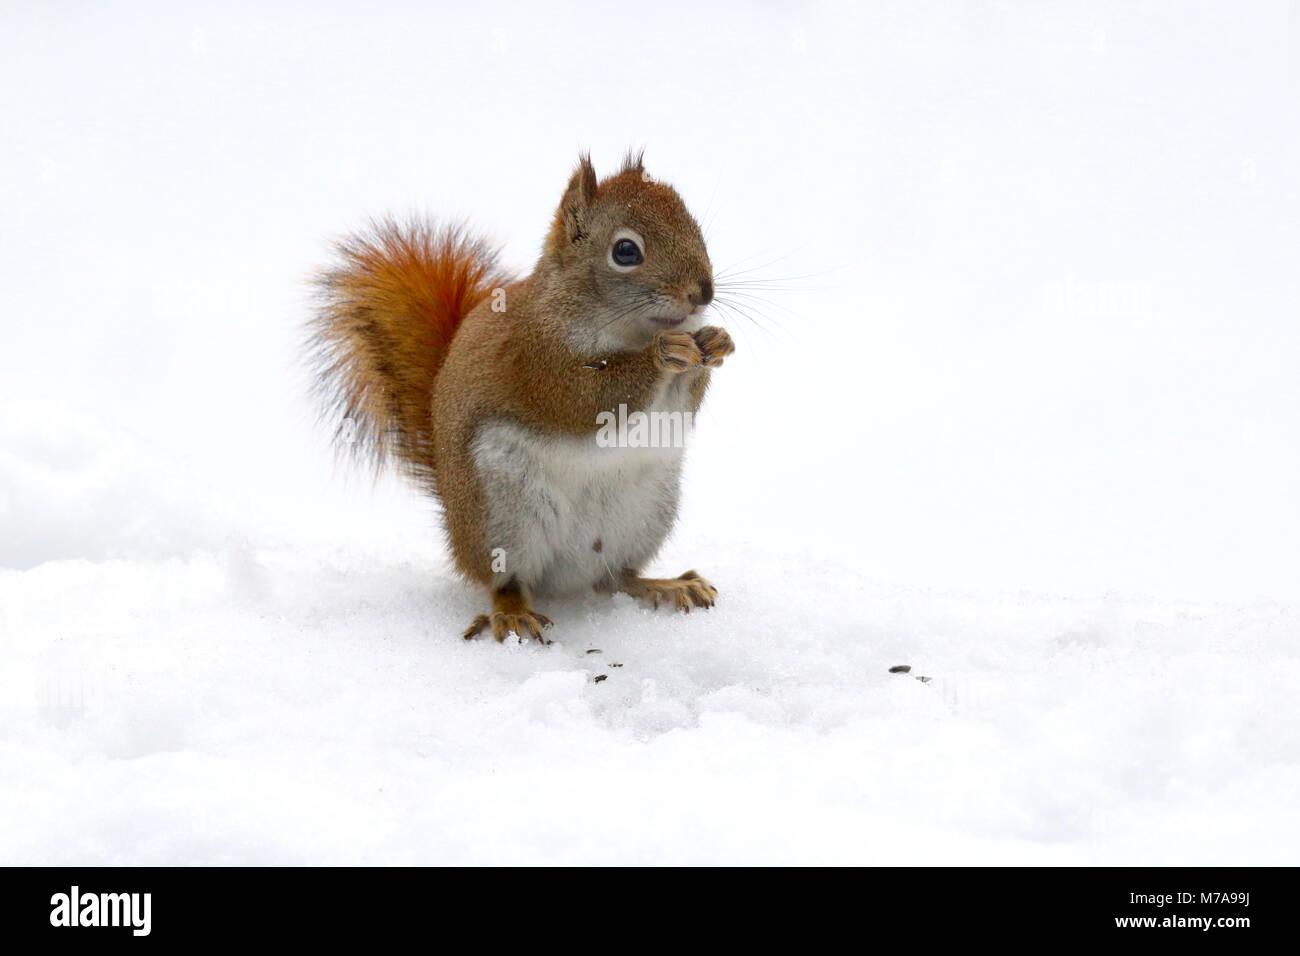 Un po' di American scoiattolo rosso (Tamiasciurus hudsonicus) alla ricerca di cibo in un giorno di neve. Immagini Stock